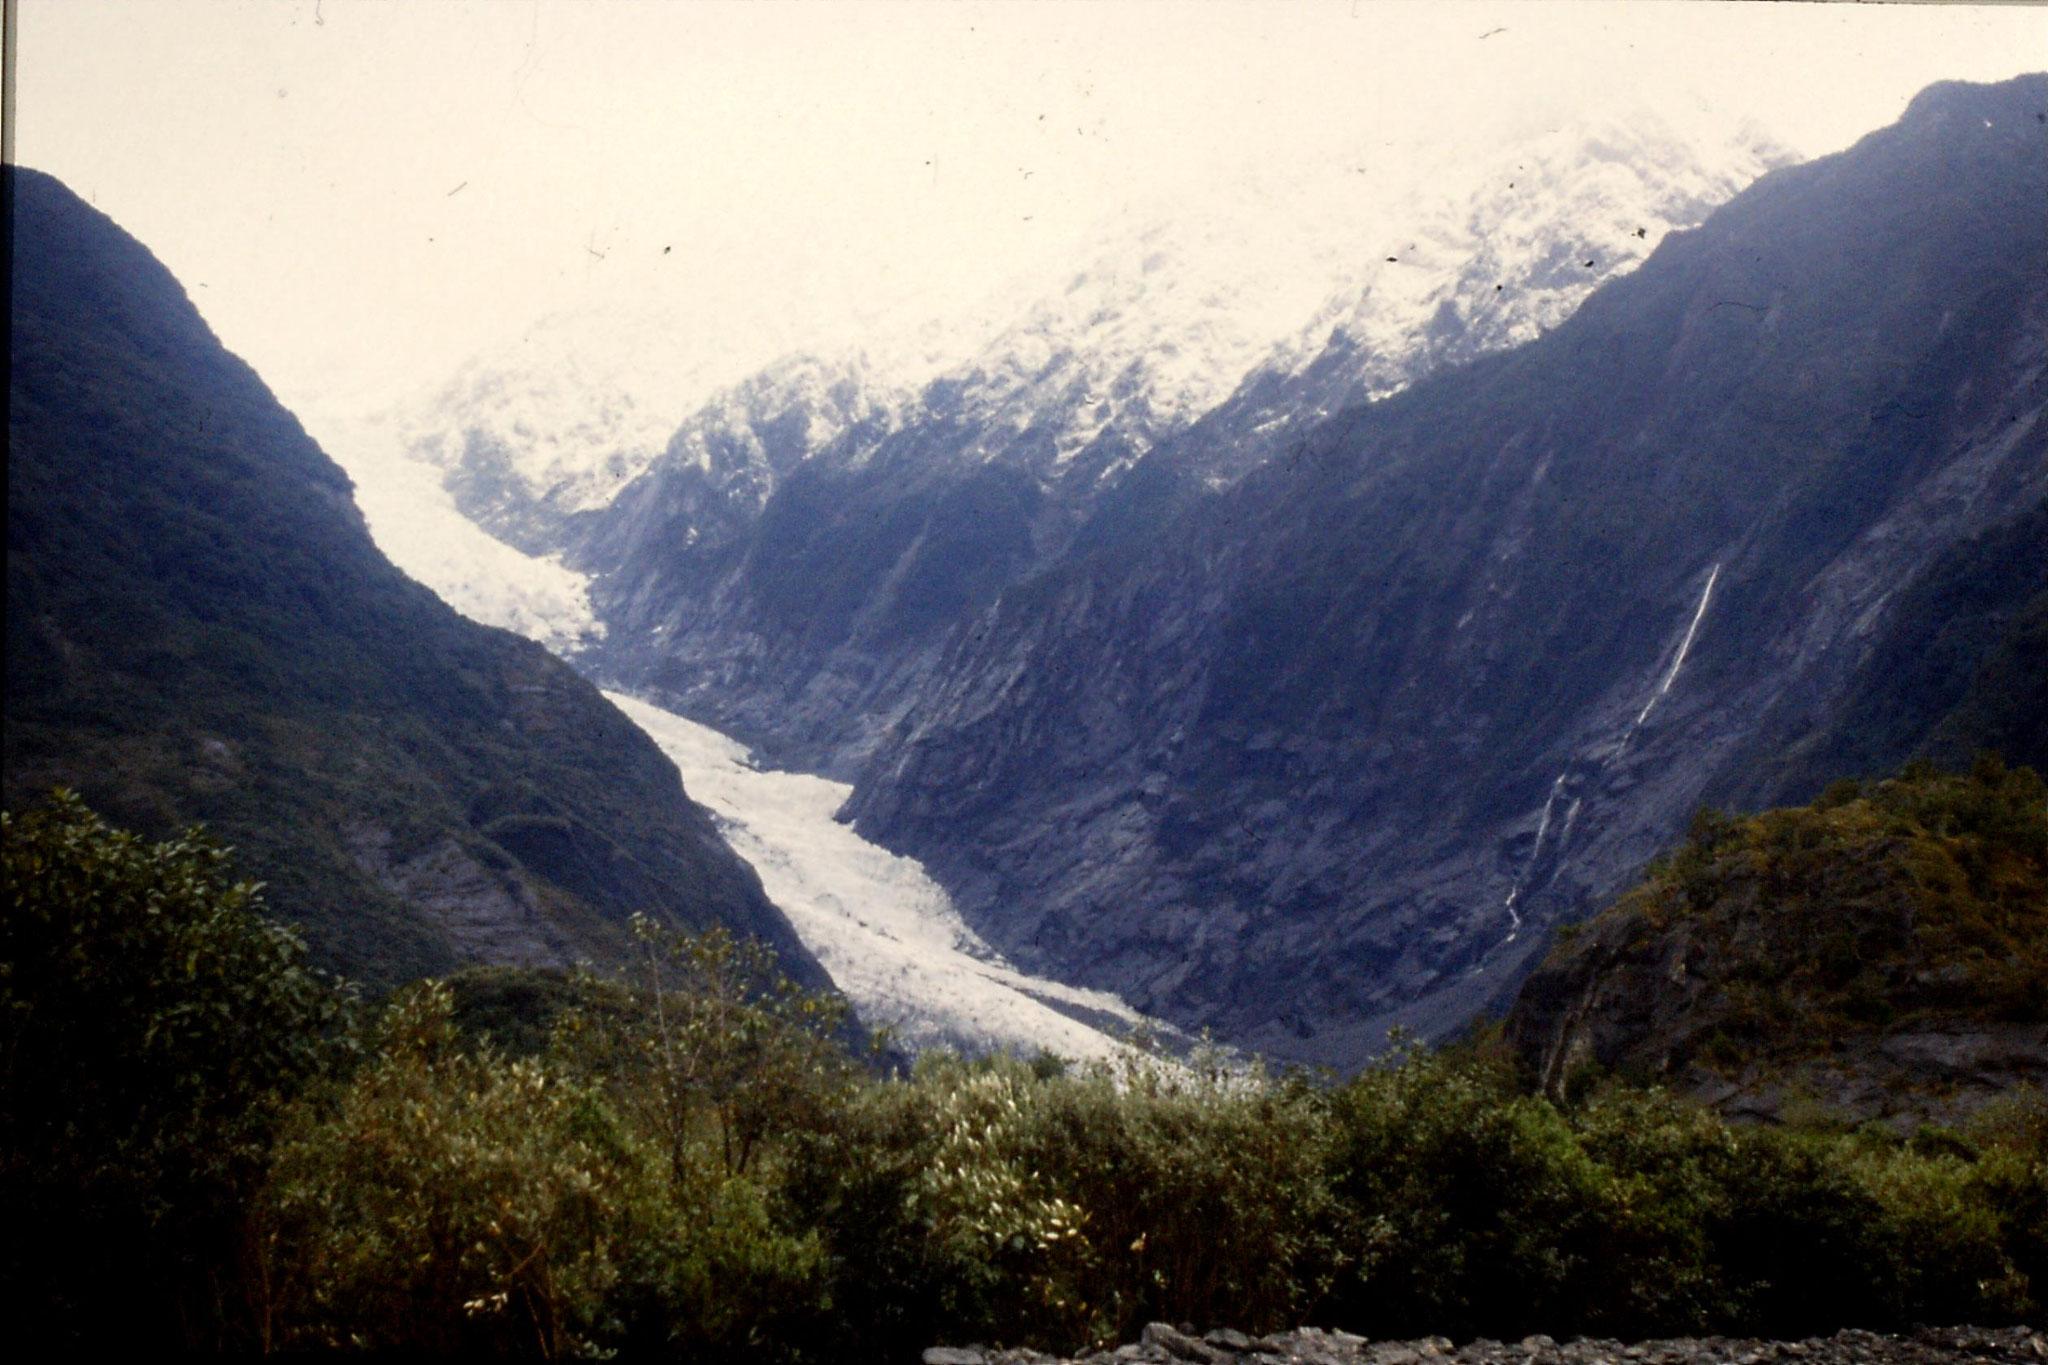 22/8/1990: 30: Franz Joseph Glacier